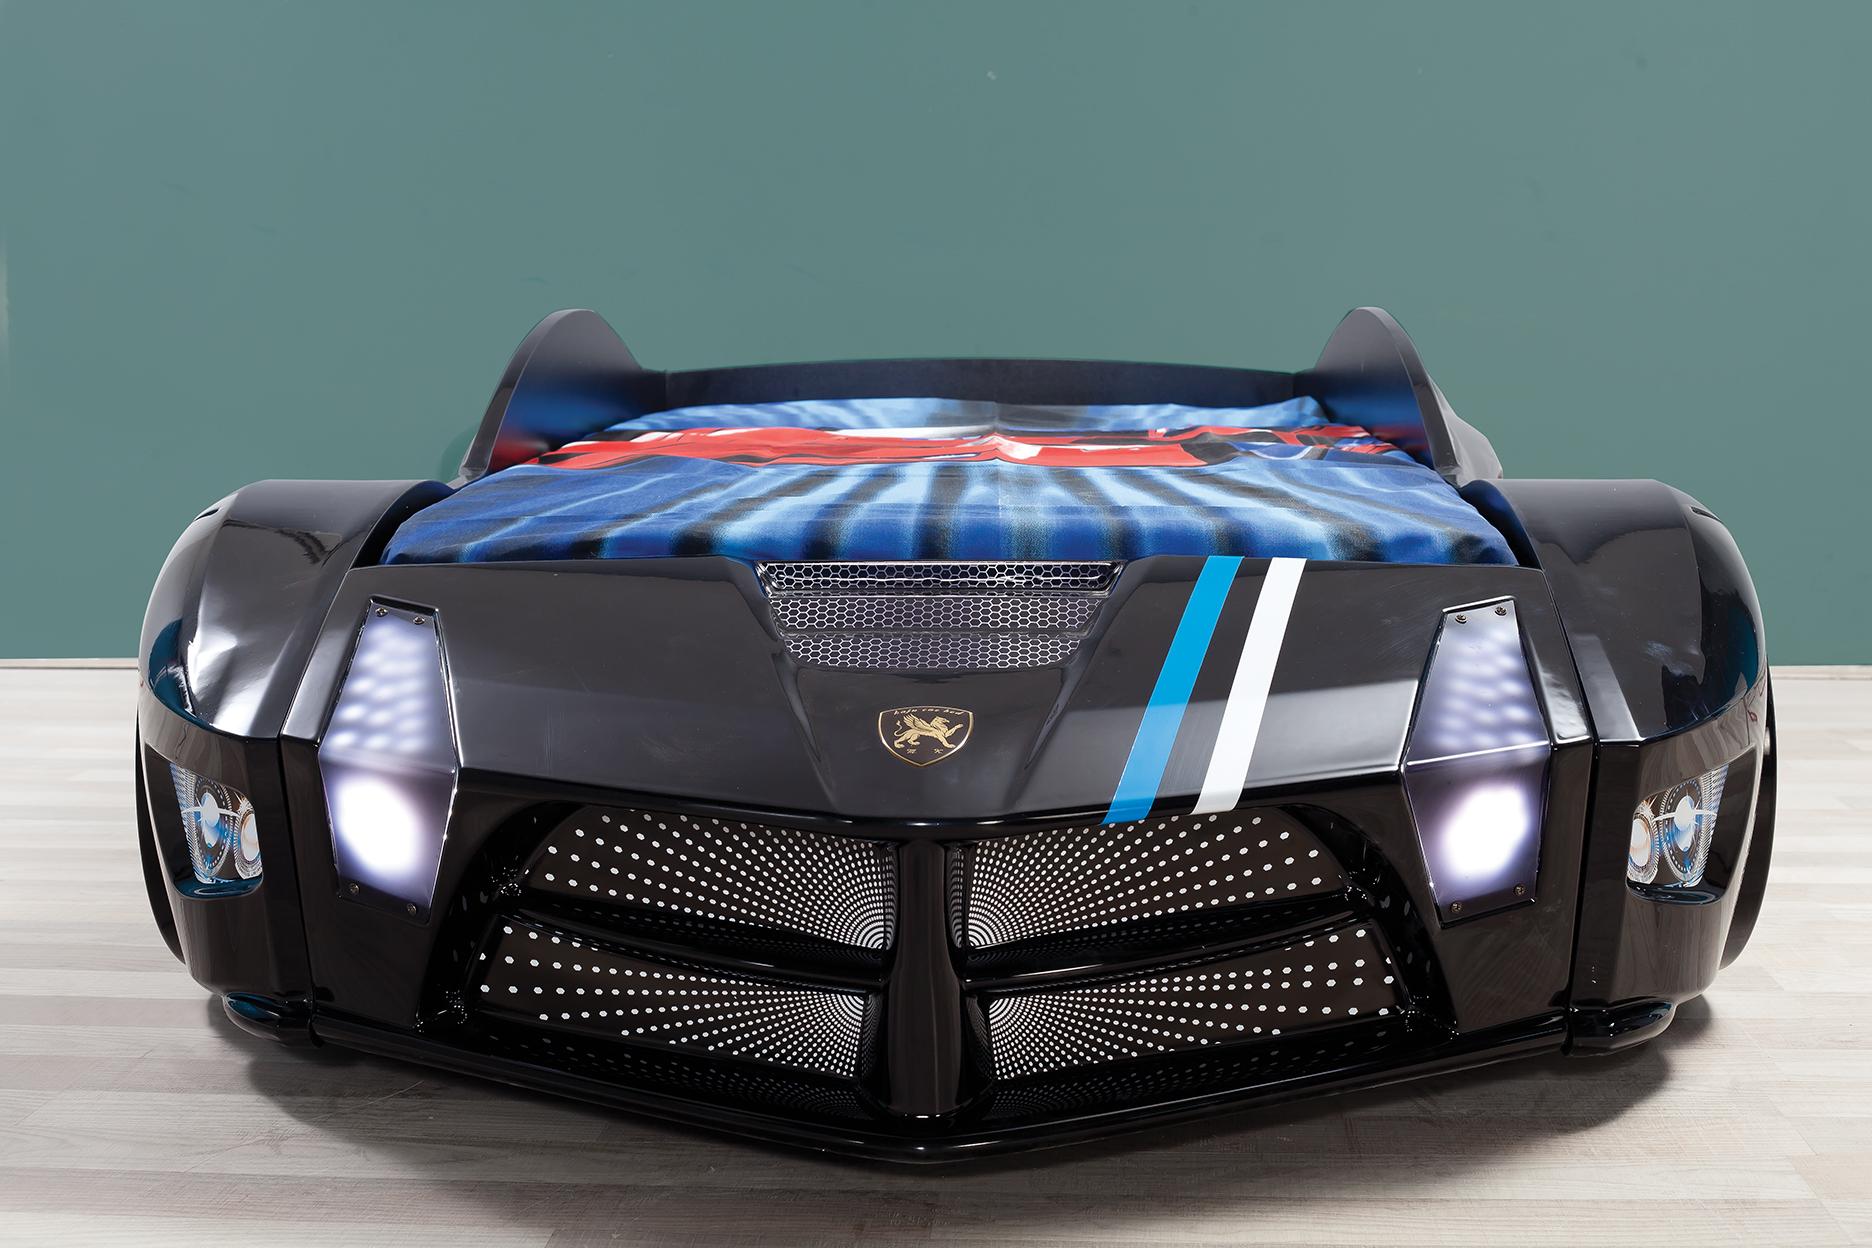 Autobett Luxury Standard in Schwarz mit LED Scheinwerfern und Sound